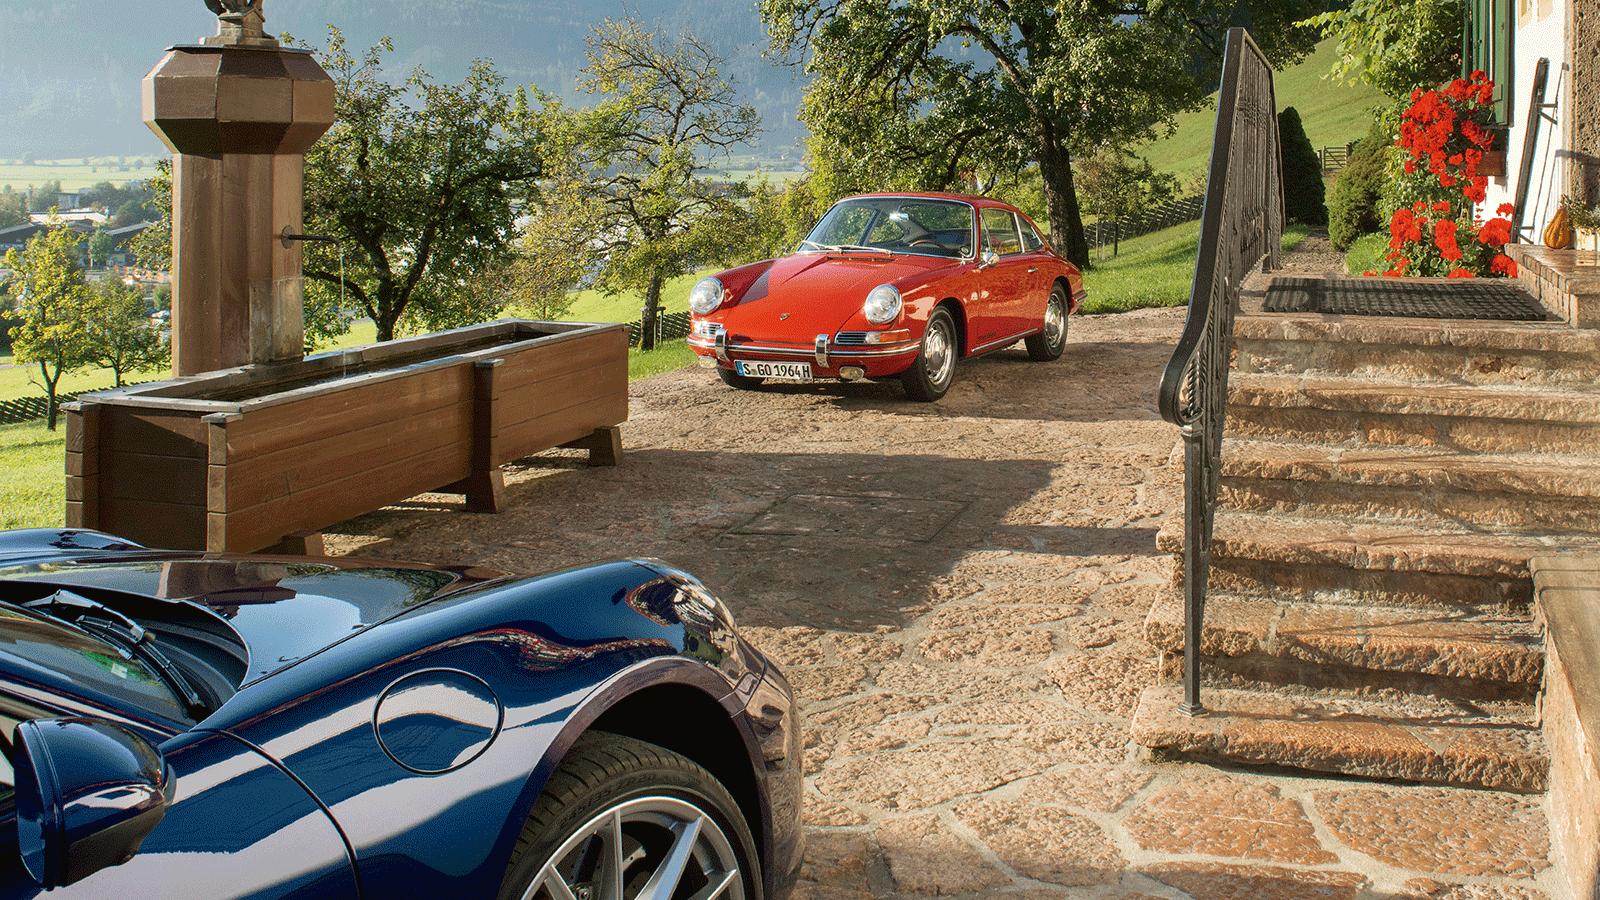 Porsche Der Mythos Porsche im Zeitalter der Elektromobilität.